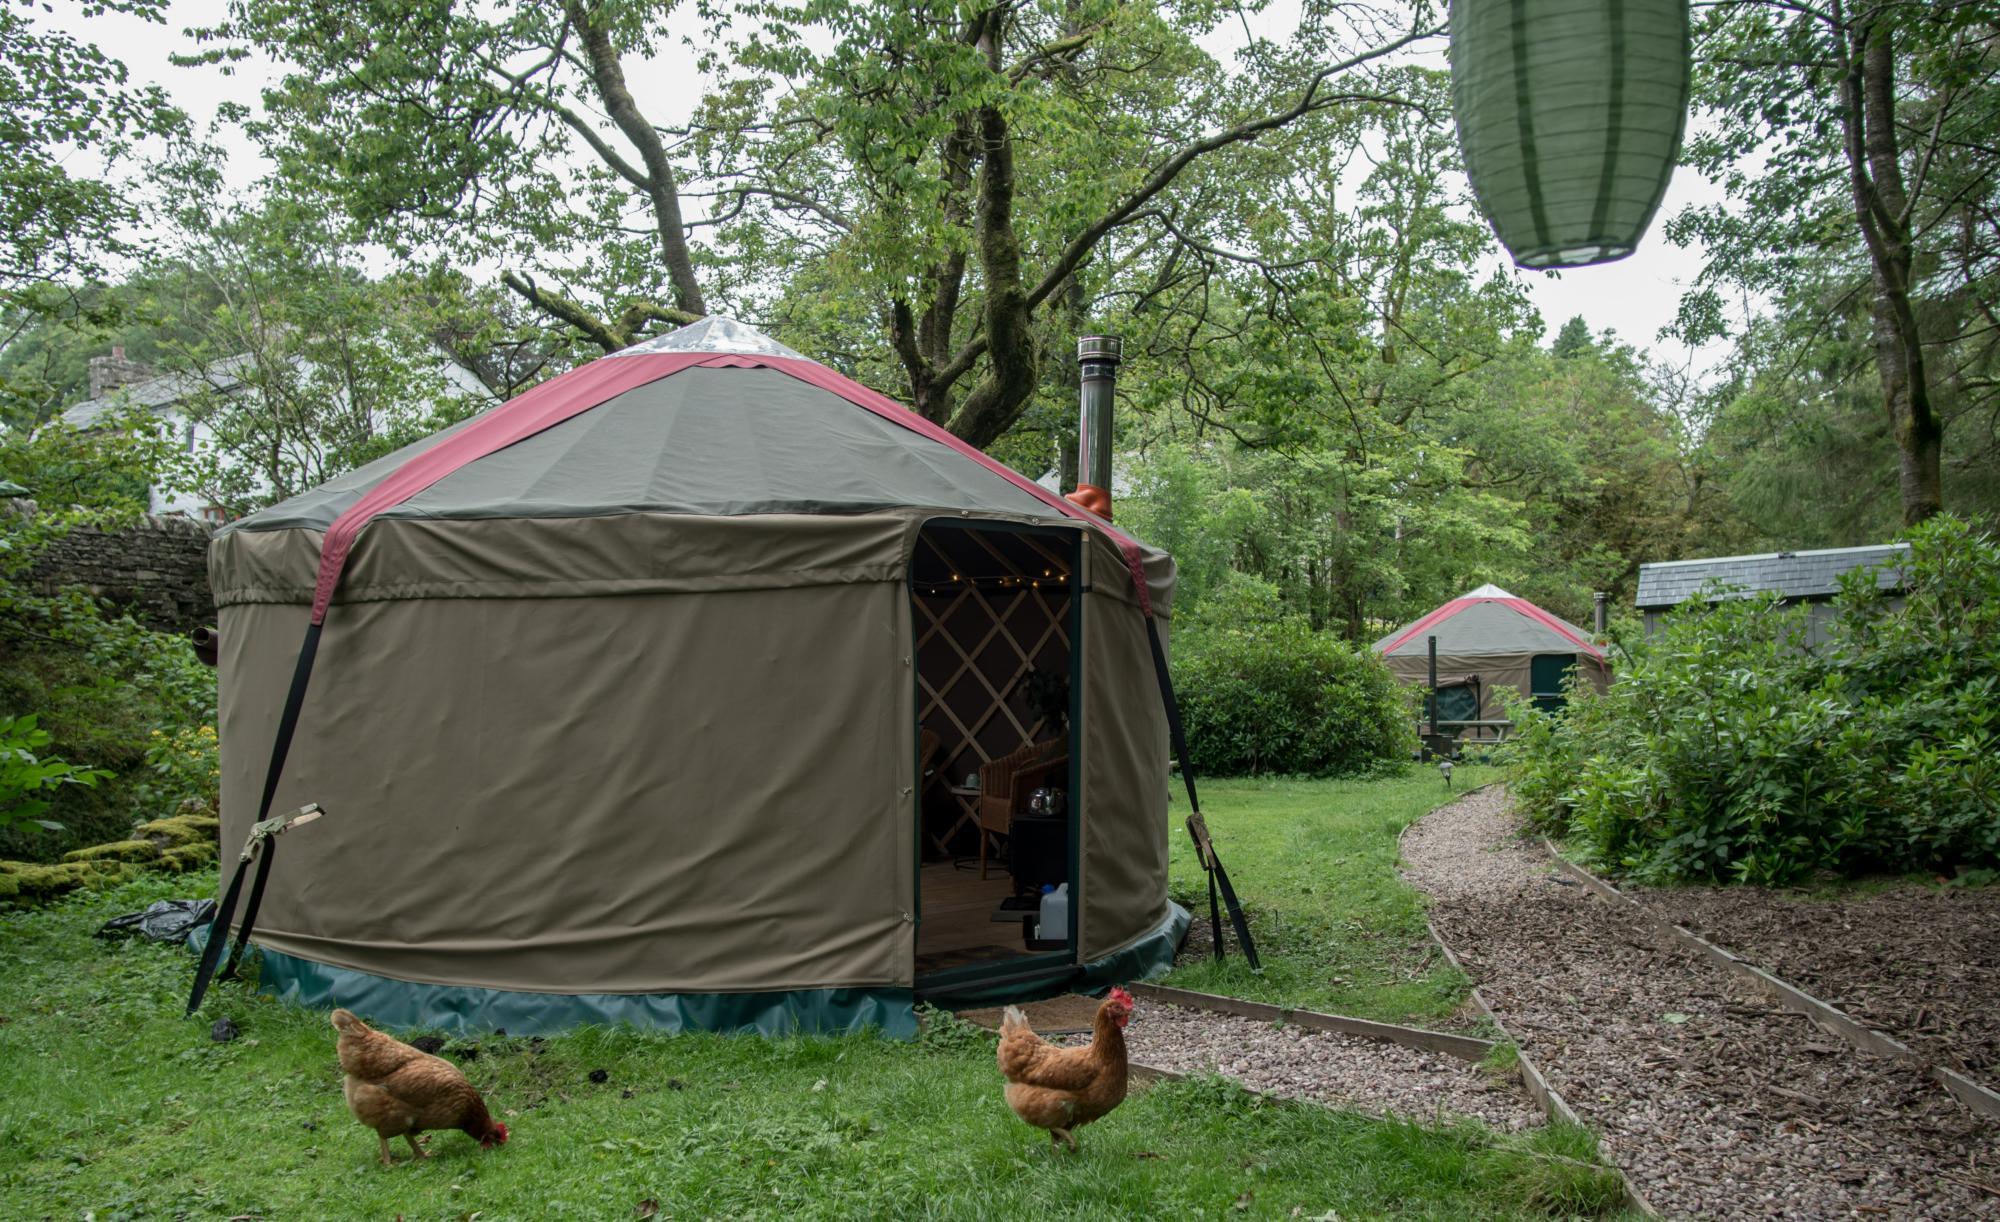 Campsites in Cumbria – I Love This Campsite